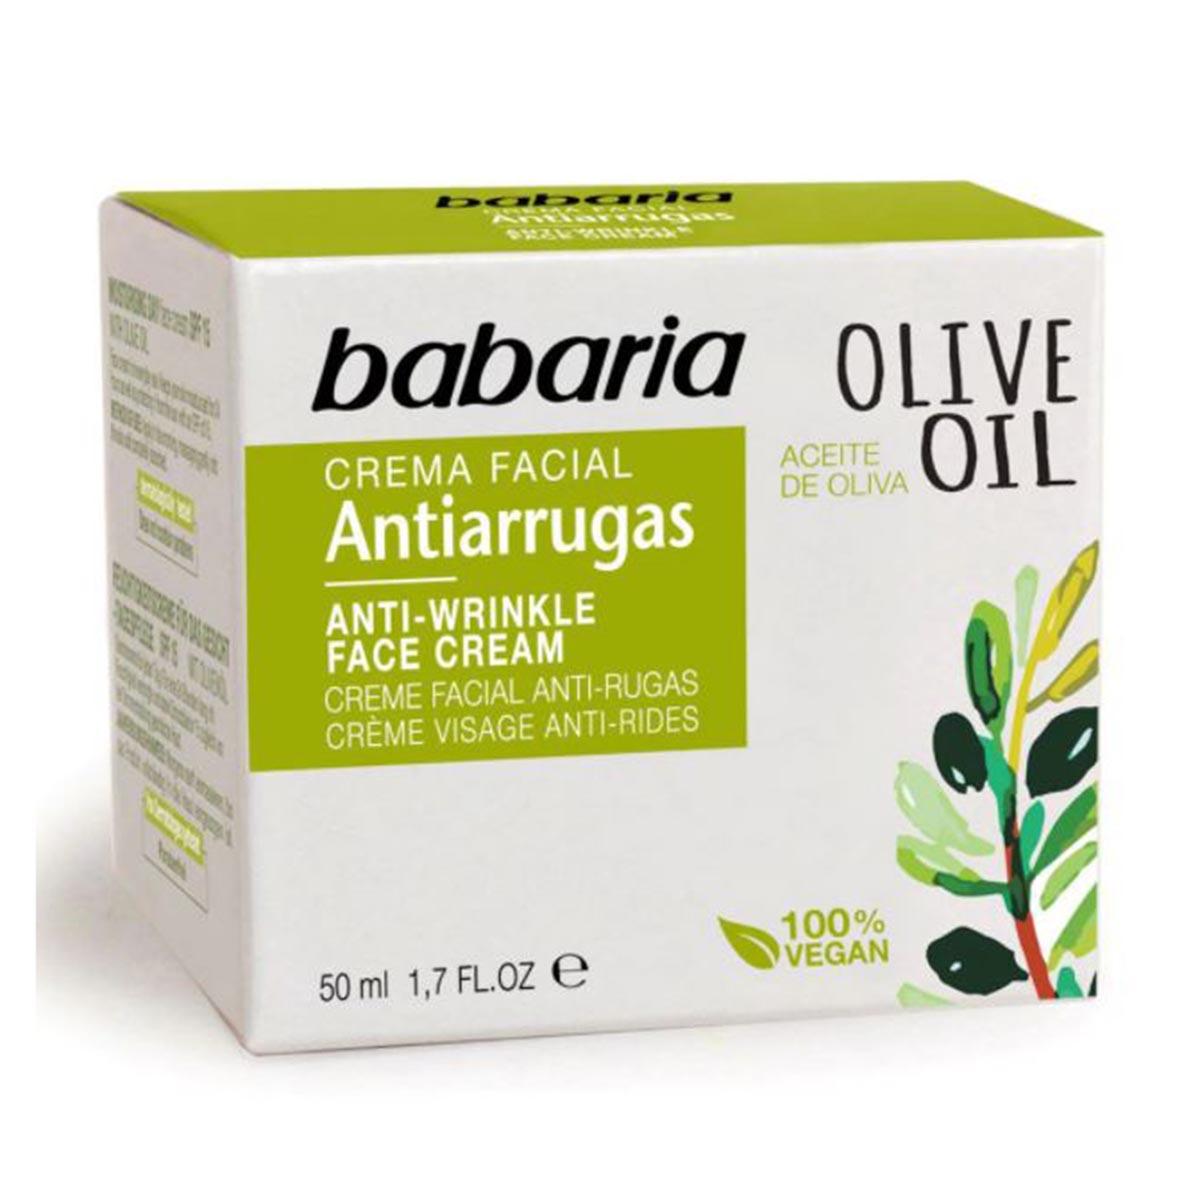 Babaria olive oil crema facial anti arrugas noche 50ml